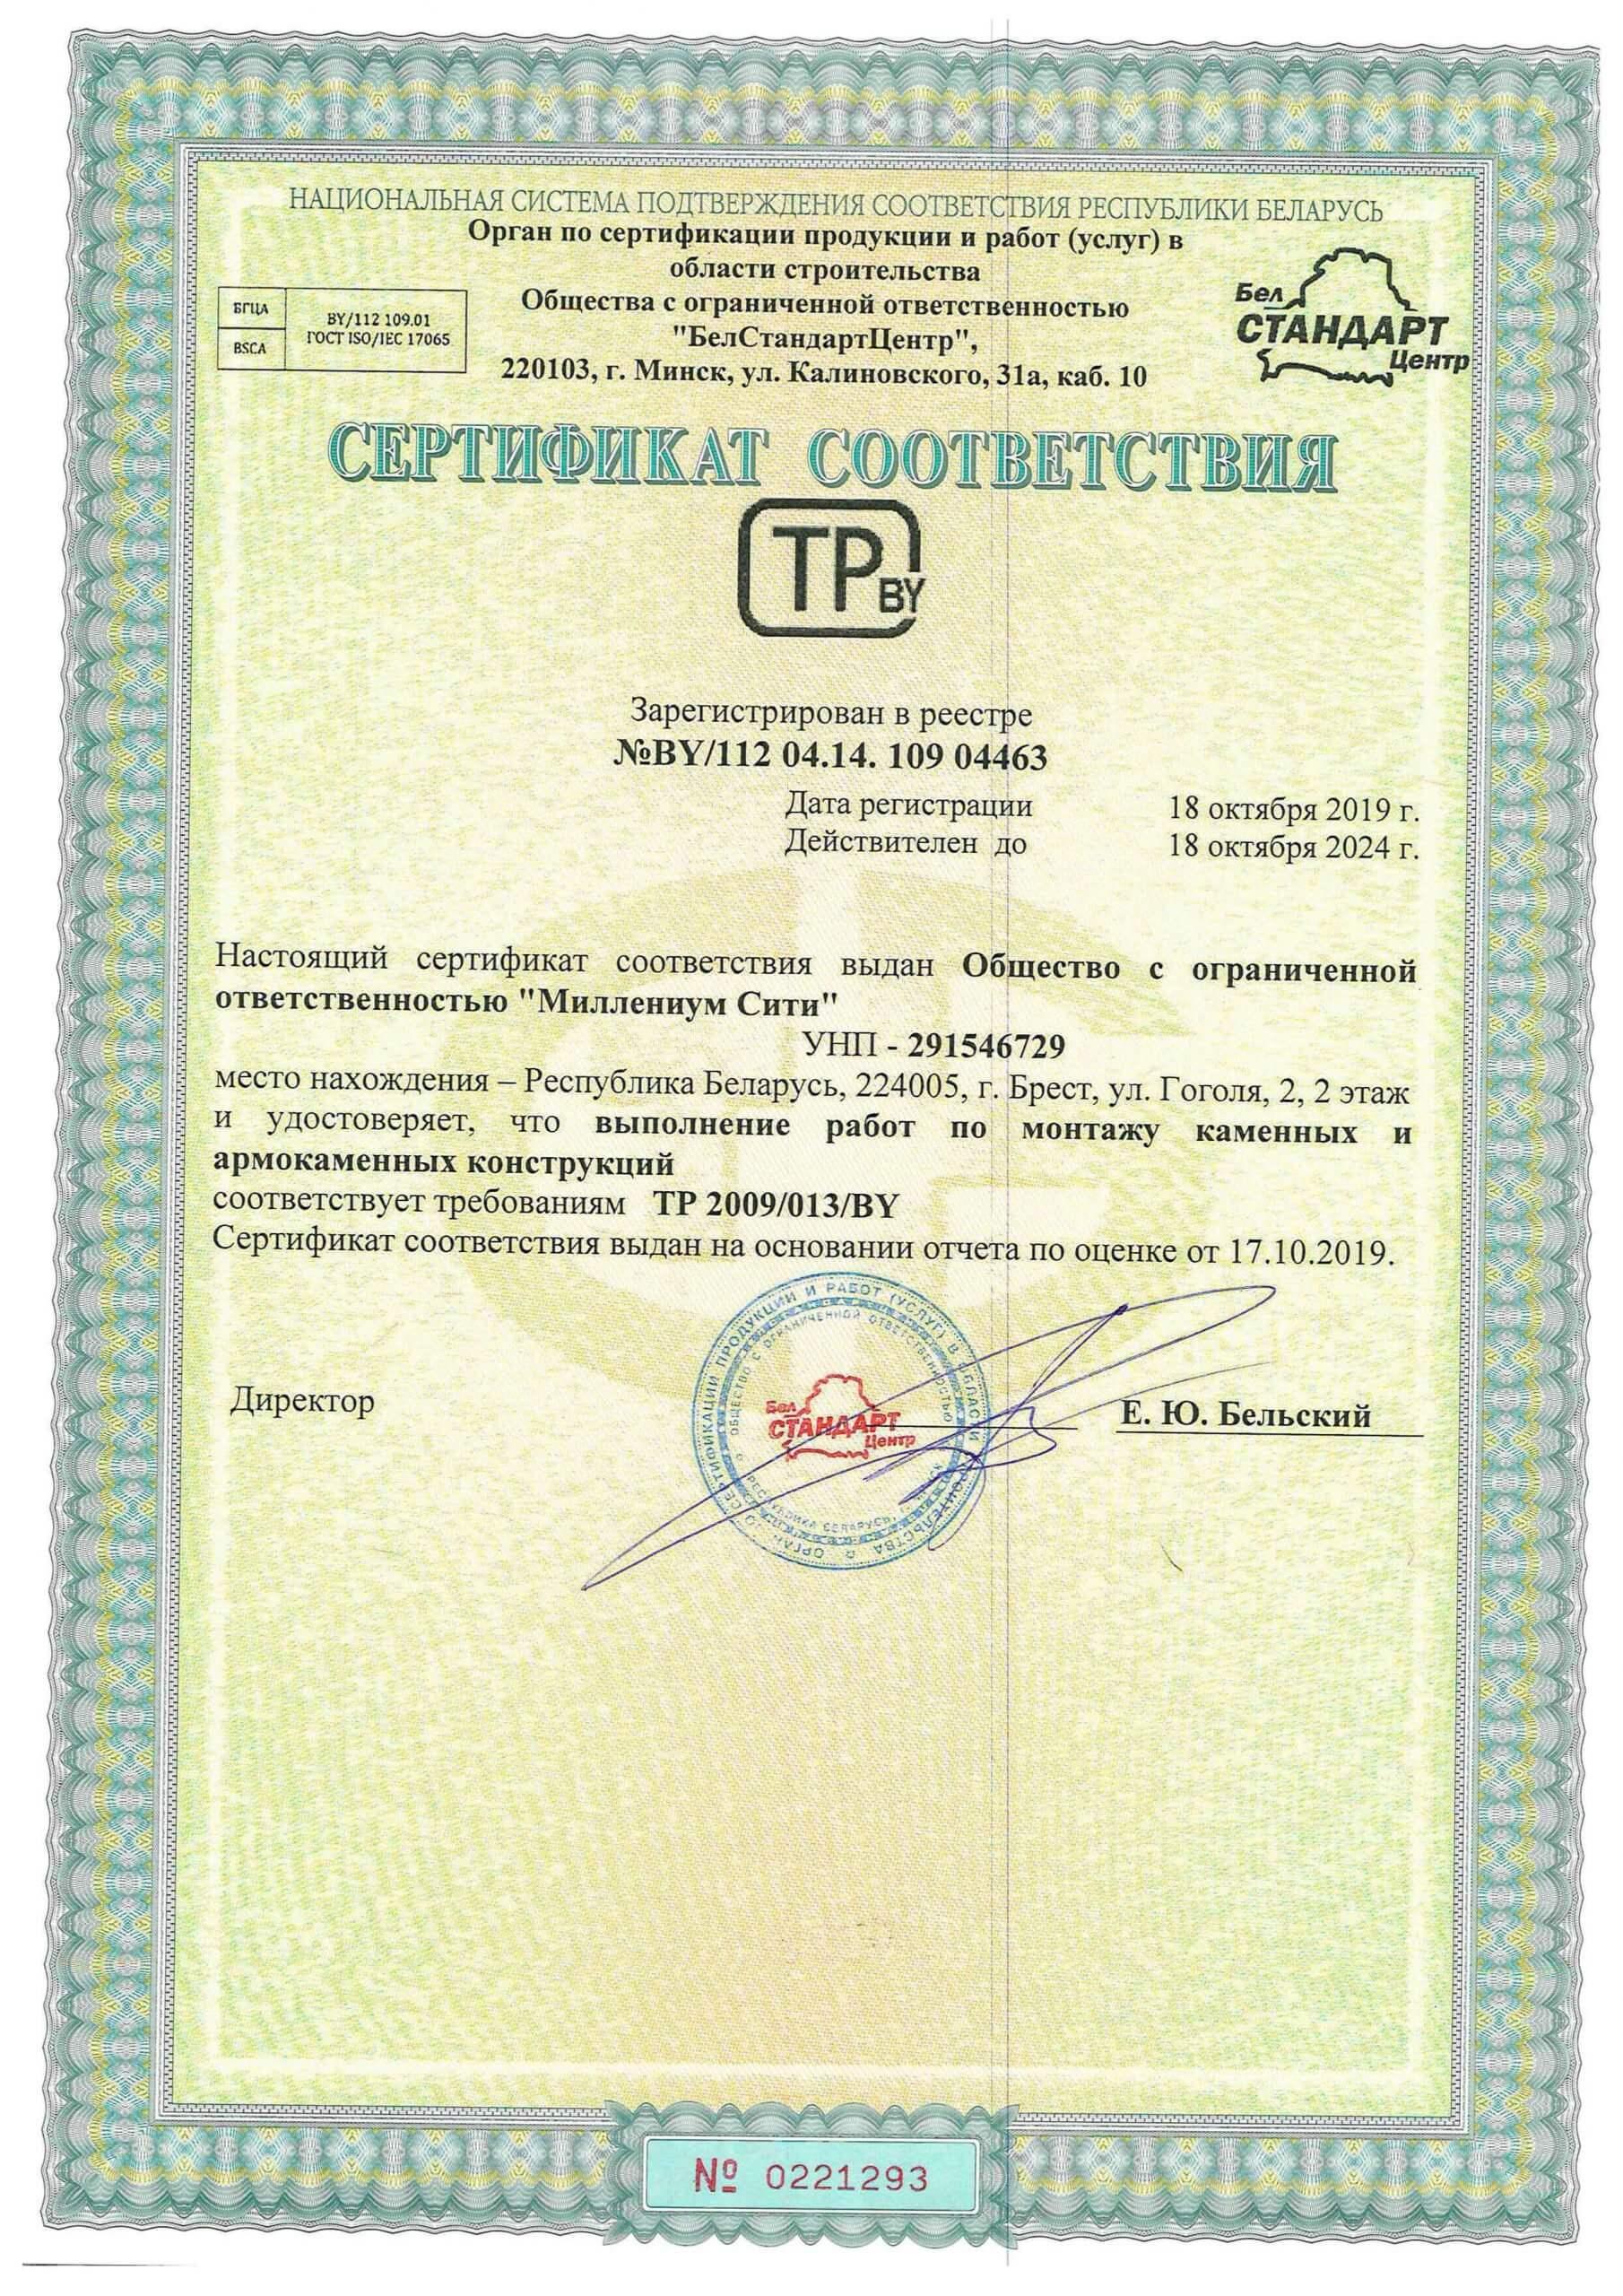 Сертификат строительной компании Миллениум Сити